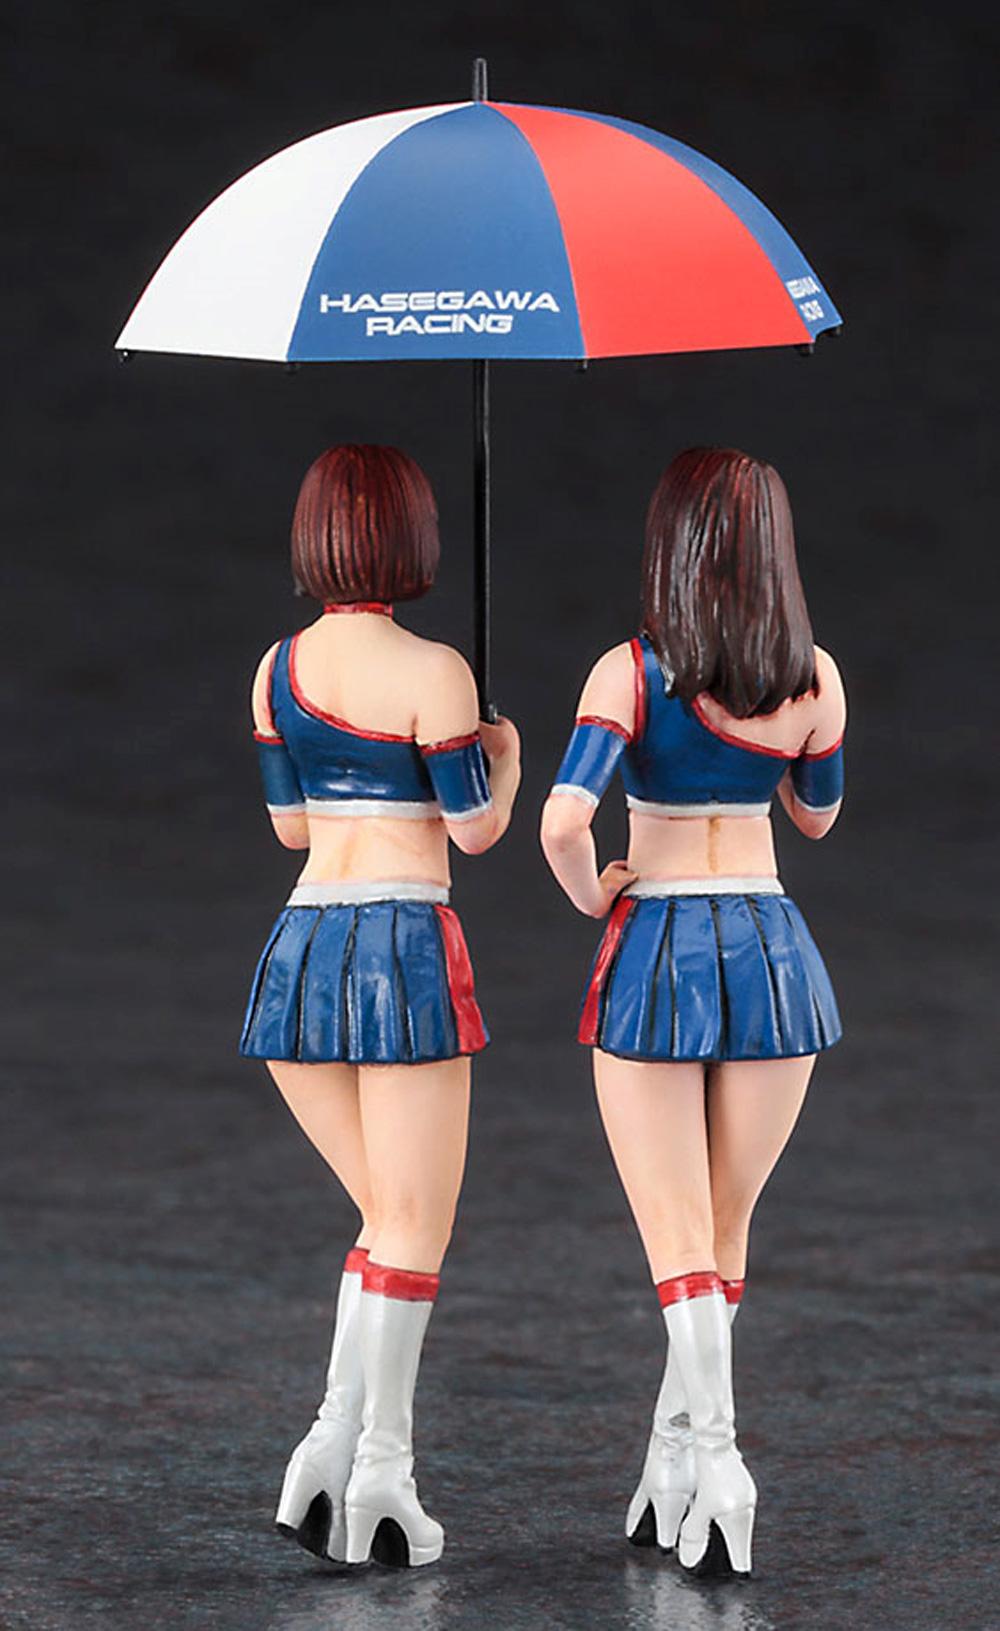 レースクイーン フィギュアプラモデル(ハセガワ1/24 フィギュアコレクションNo.009)商品画像_3